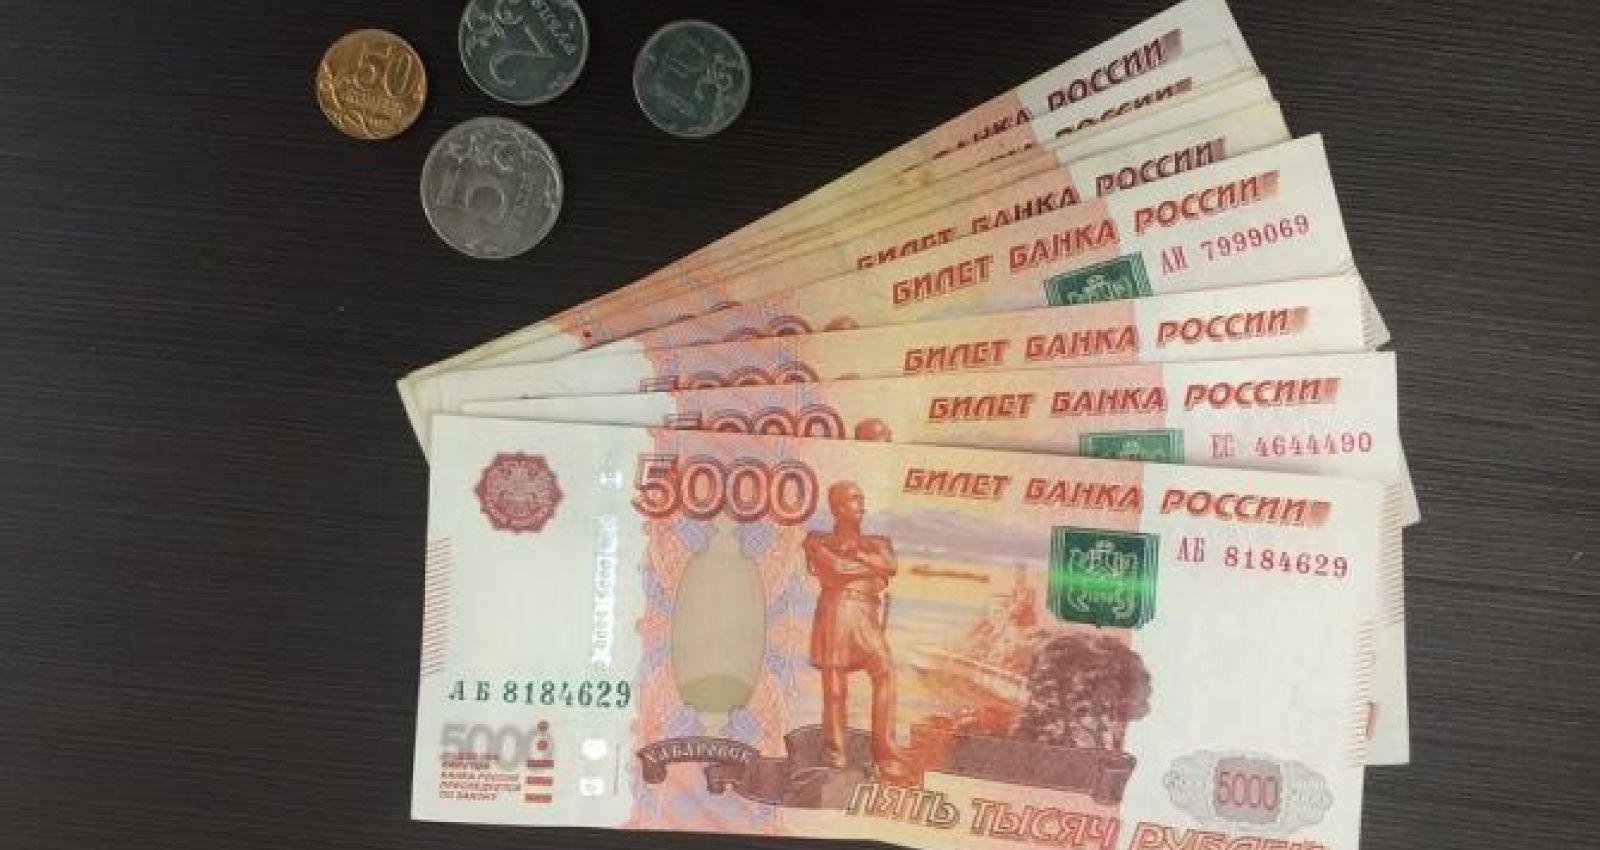 банк россия погашение кредитакак списать кредит по закону